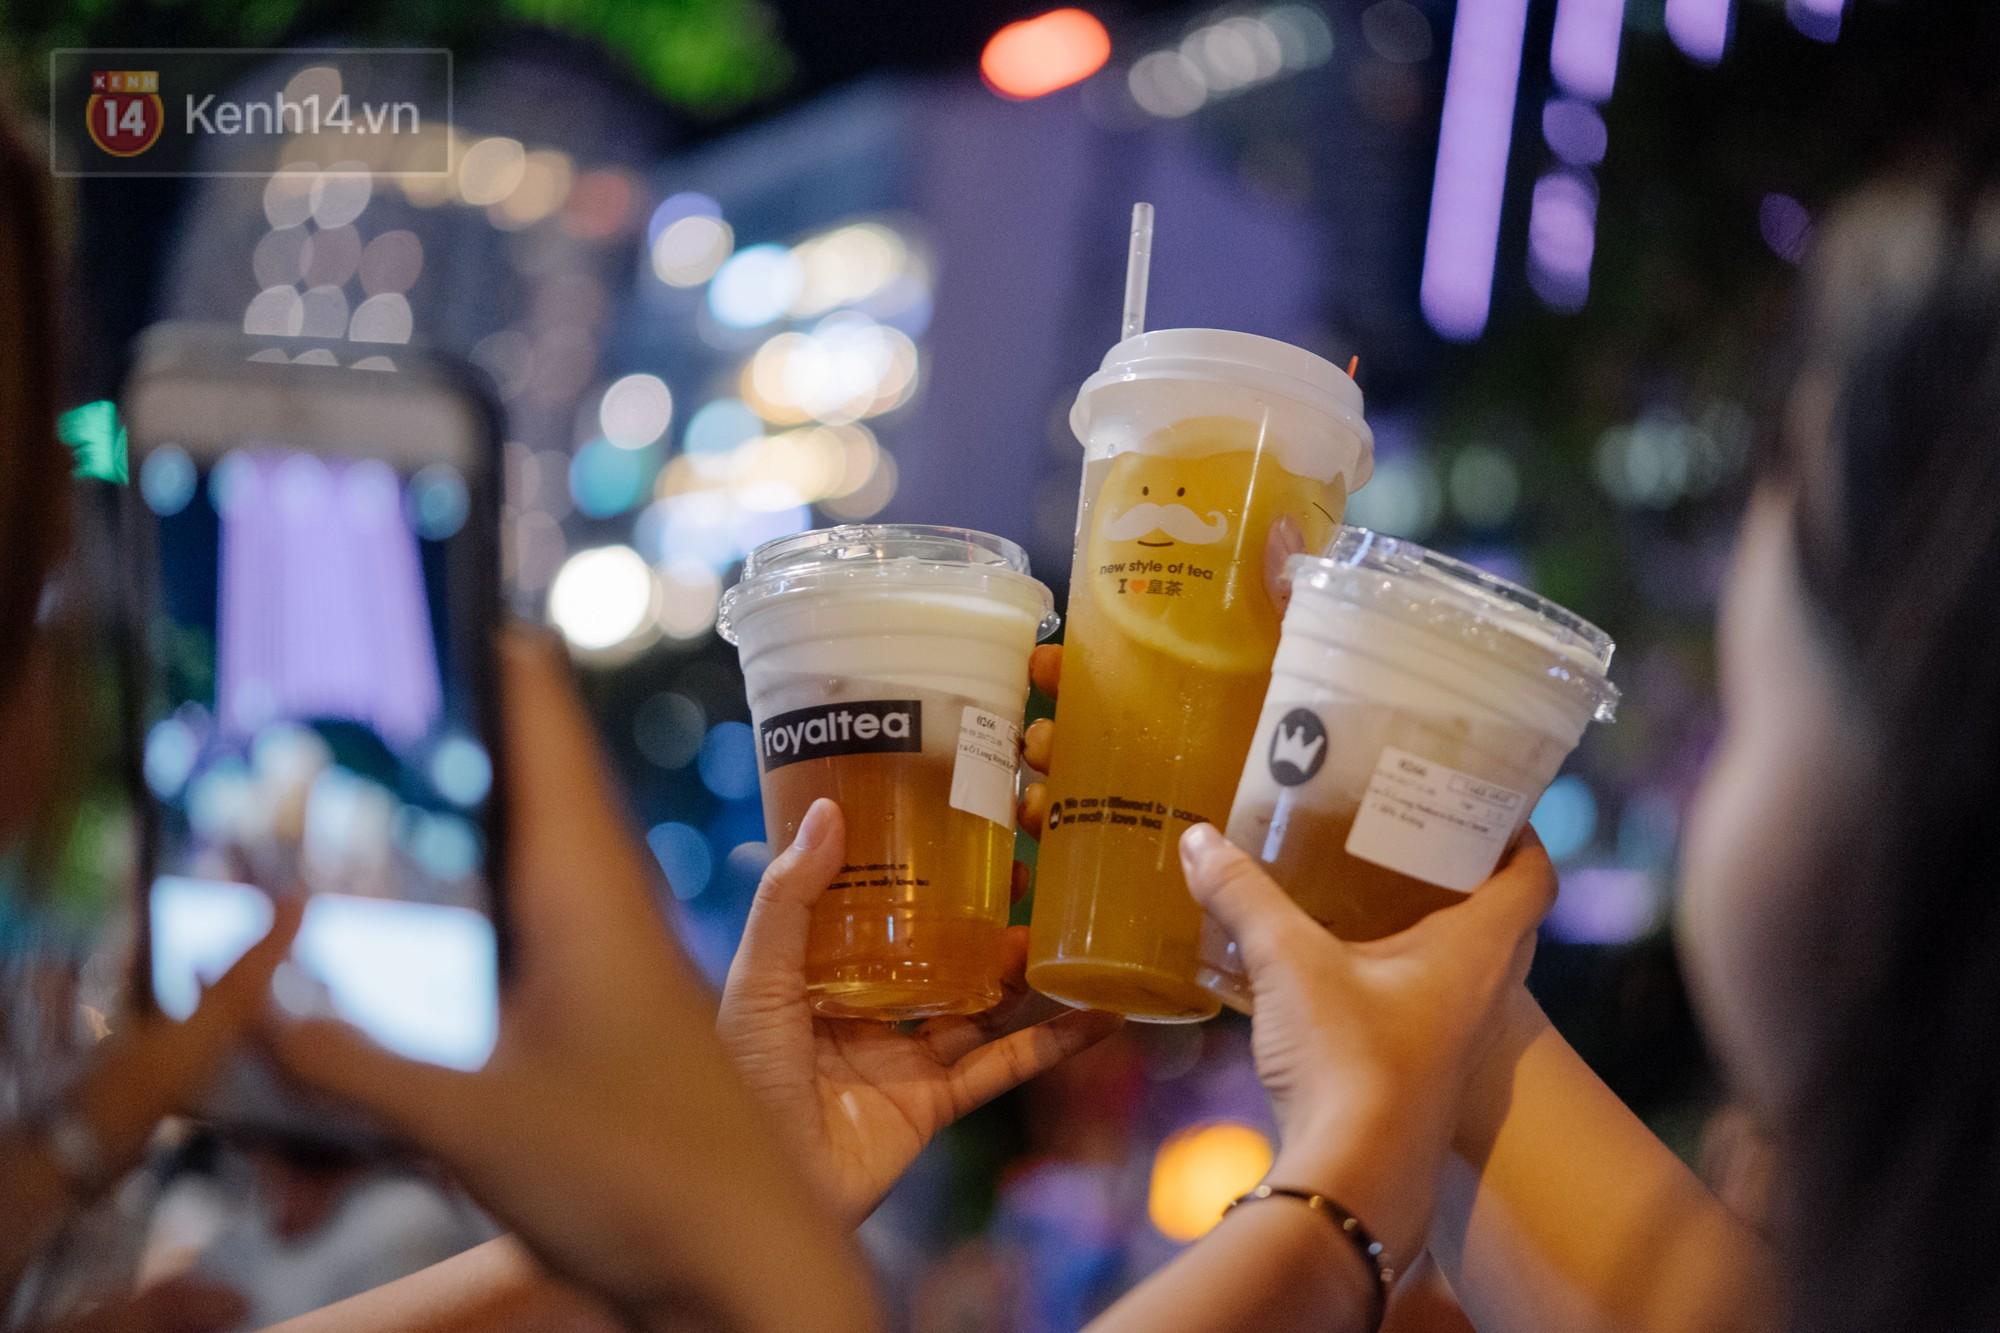 Những hãng trà sữa nổi tiếng nhất nhì thế giới đã có mặt tại Việt Nam, bạn đã thử loại nào rồi? - Ảnh 3.